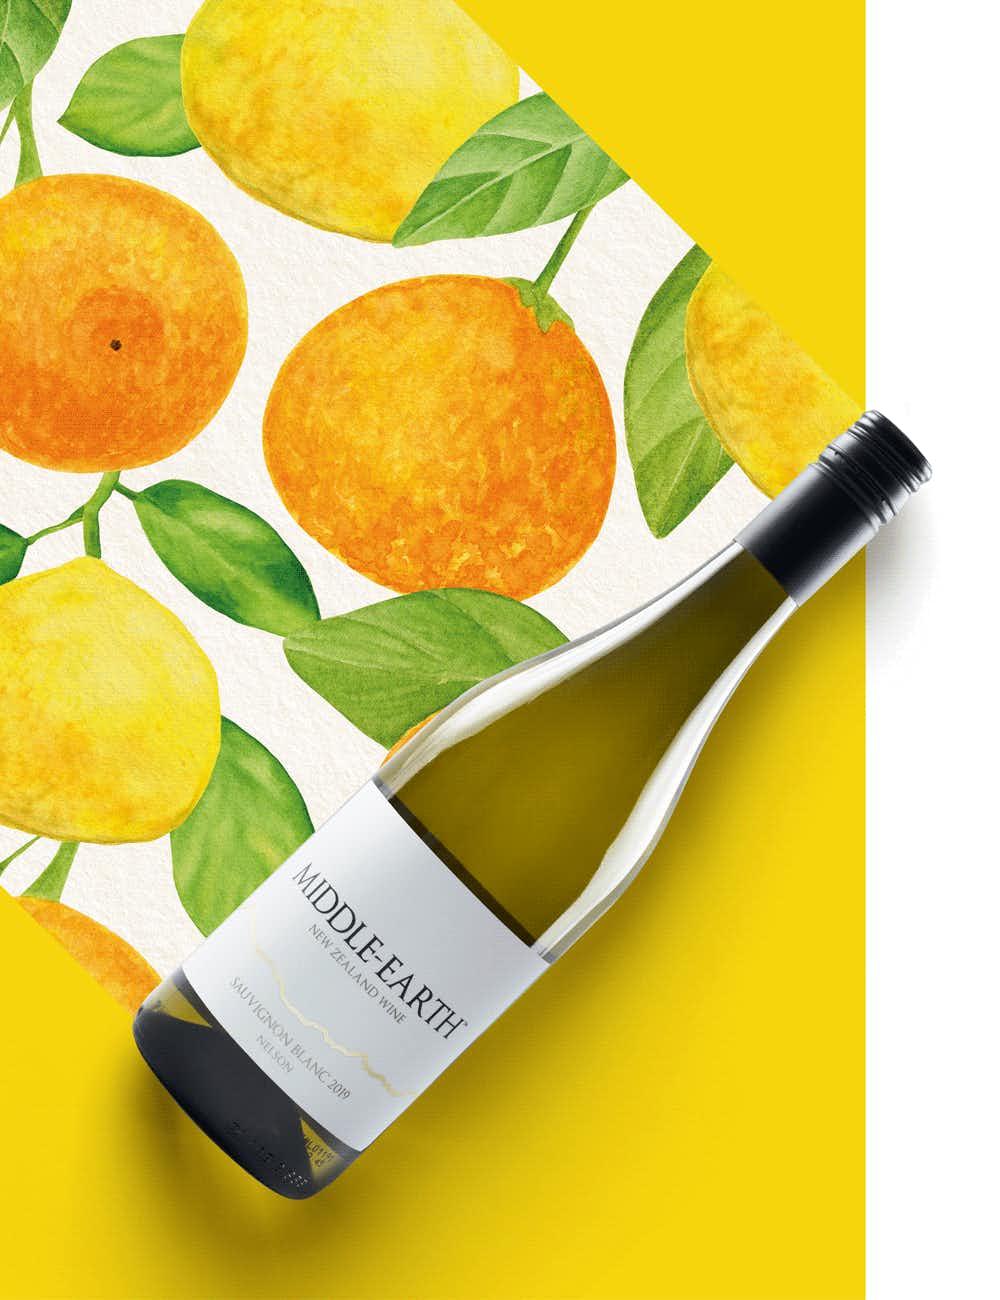 Middle-Earth Wines Sauvignon Blanc 2019